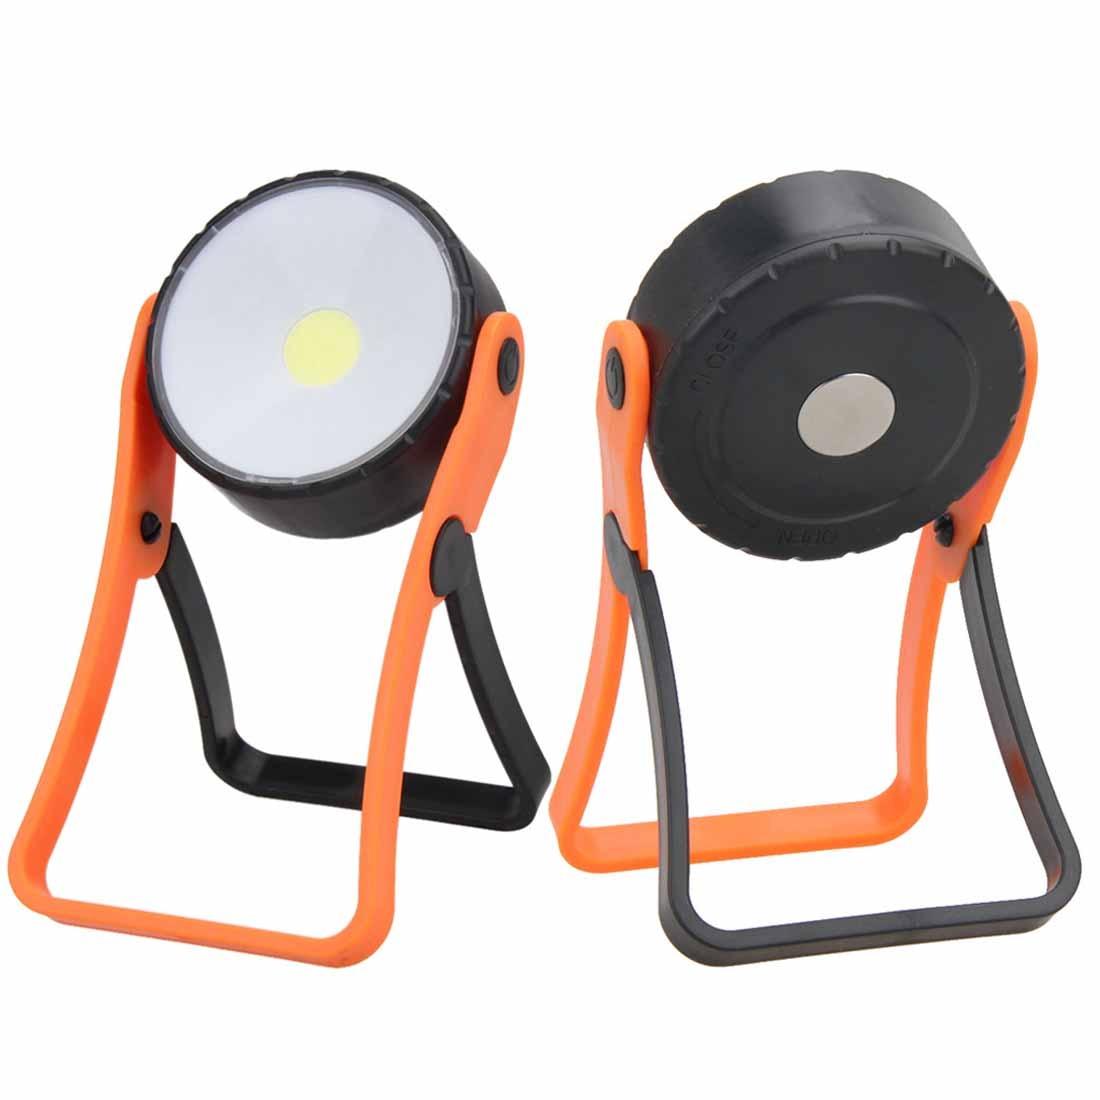 Cob Led Lampe D'inspection De Lumière De Travail 360 Torche à Main Réglable Magnétique Camping Tente Lanterne Avec Crochet Aimant Super Lumineux Les Clients D'Abord